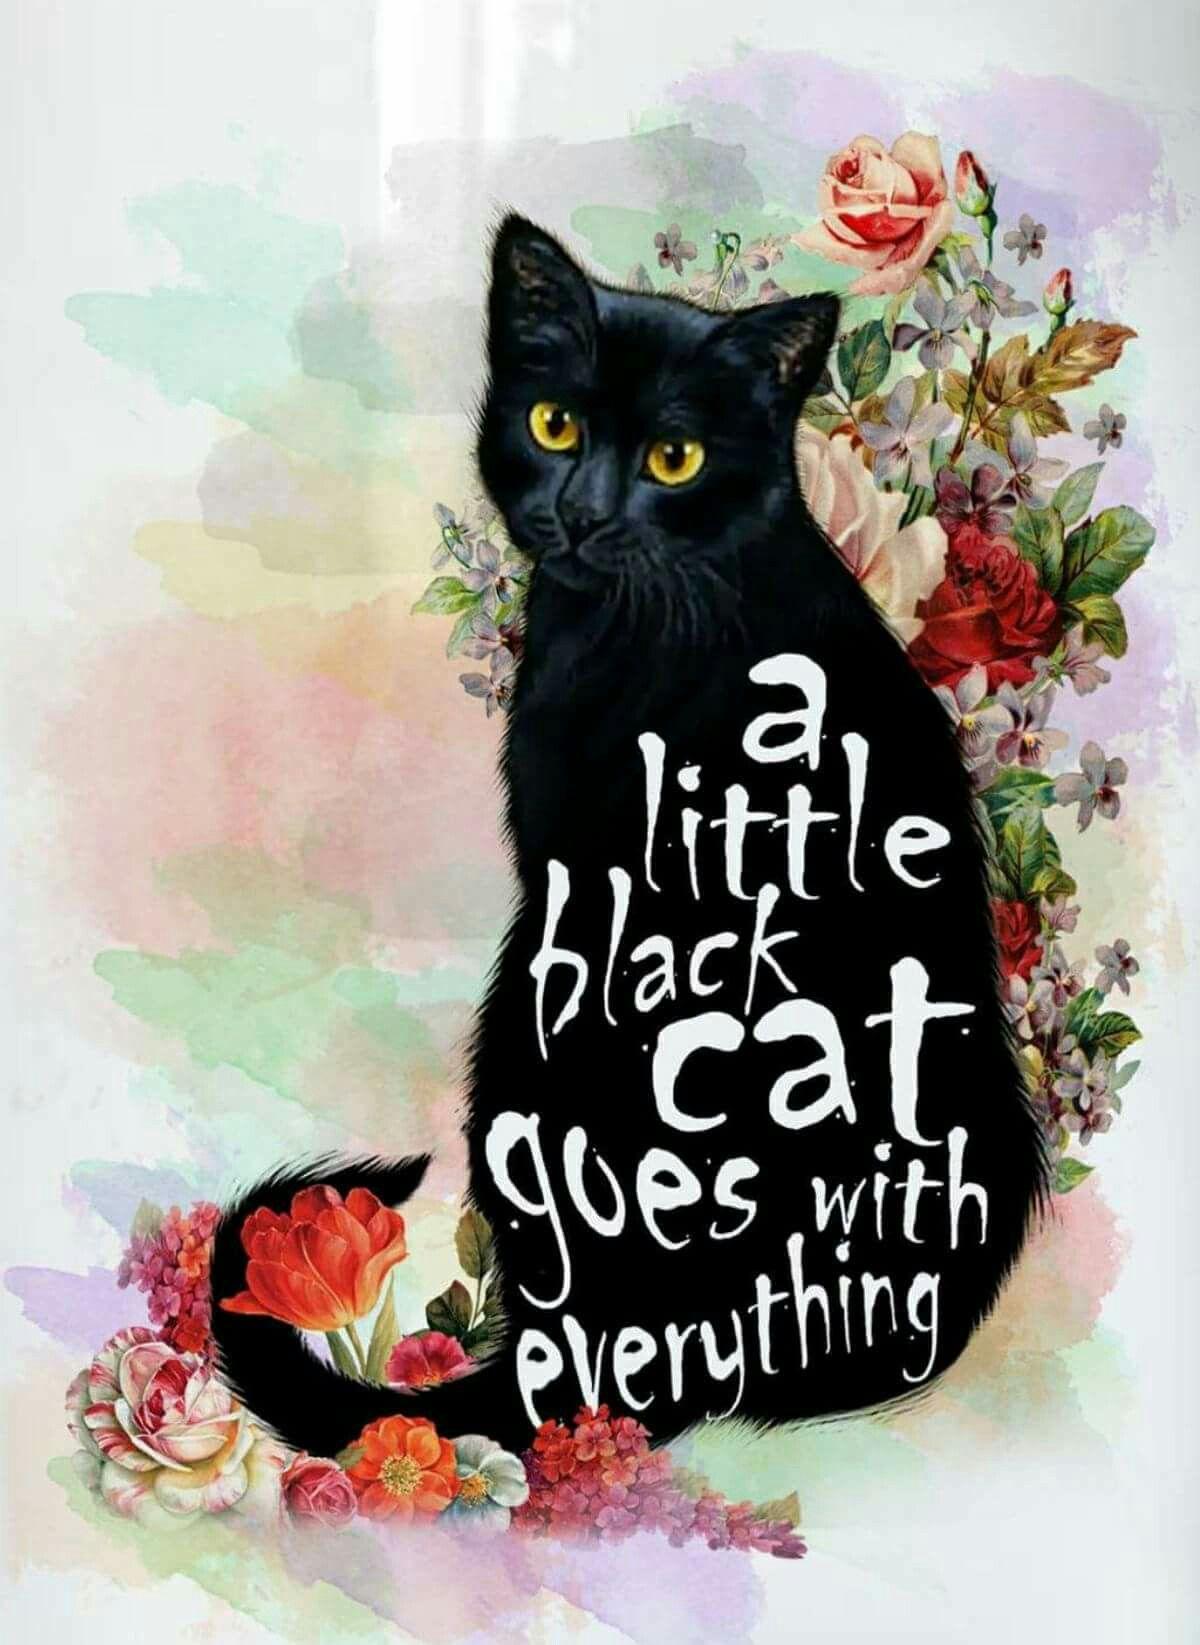 chatte noir Dame réel caméra cachée vidéos de sexe